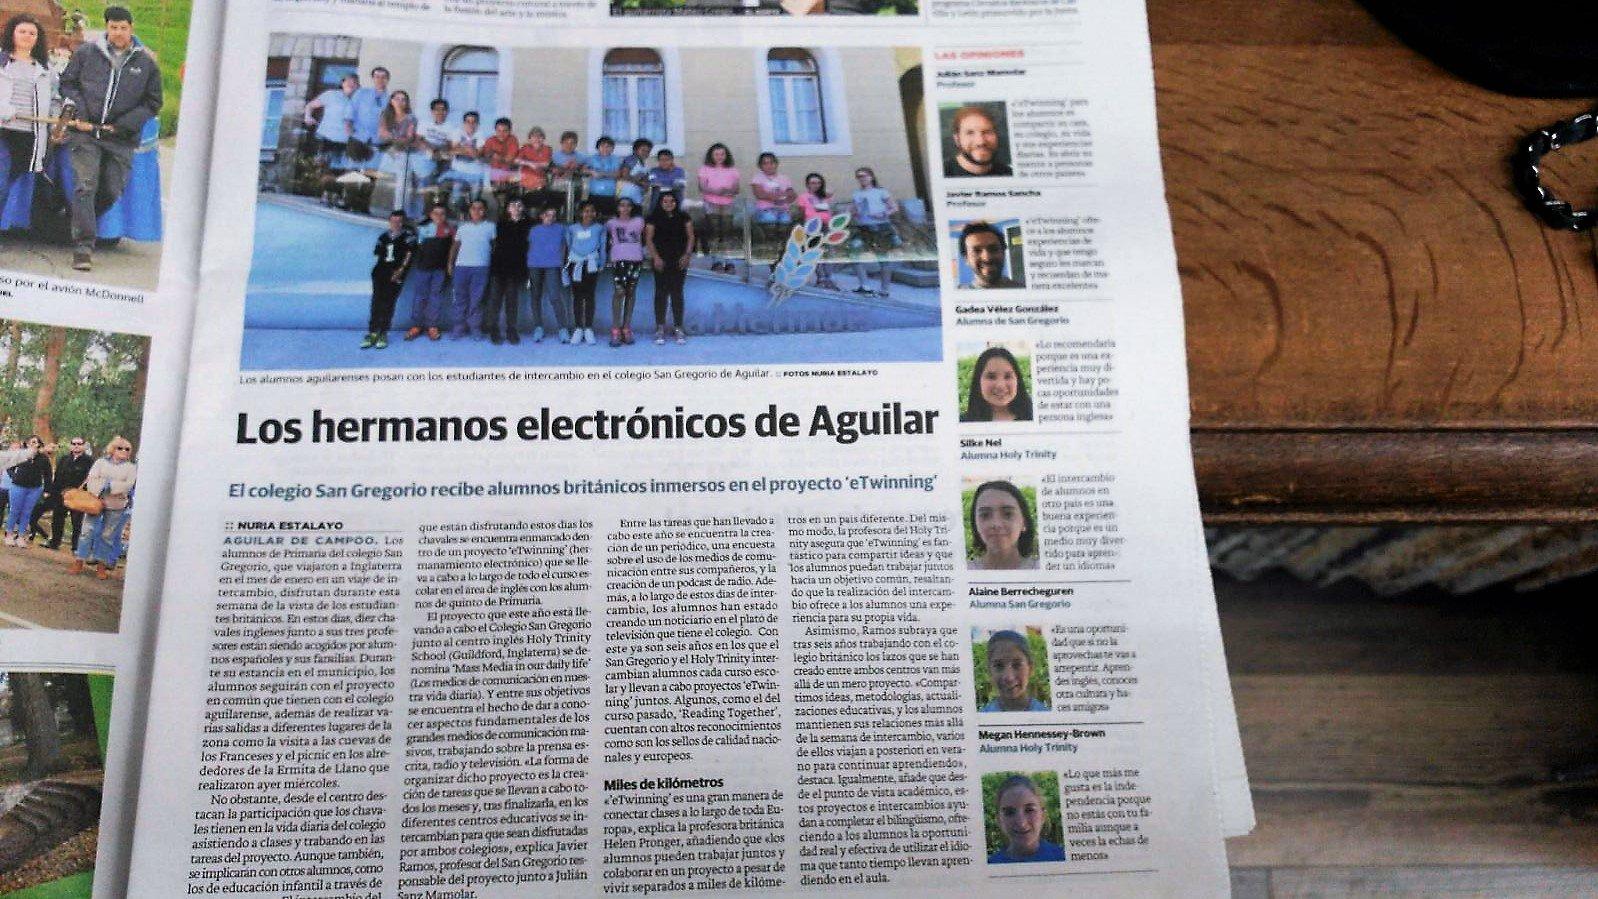 Crónica de una semana especial en @colsangregorio con el #intercambio #eTwinning con @HTPDSchool Gracias a @nortecastilla cc: @eTwinning_es https://t.co/F6SDkmEBbx